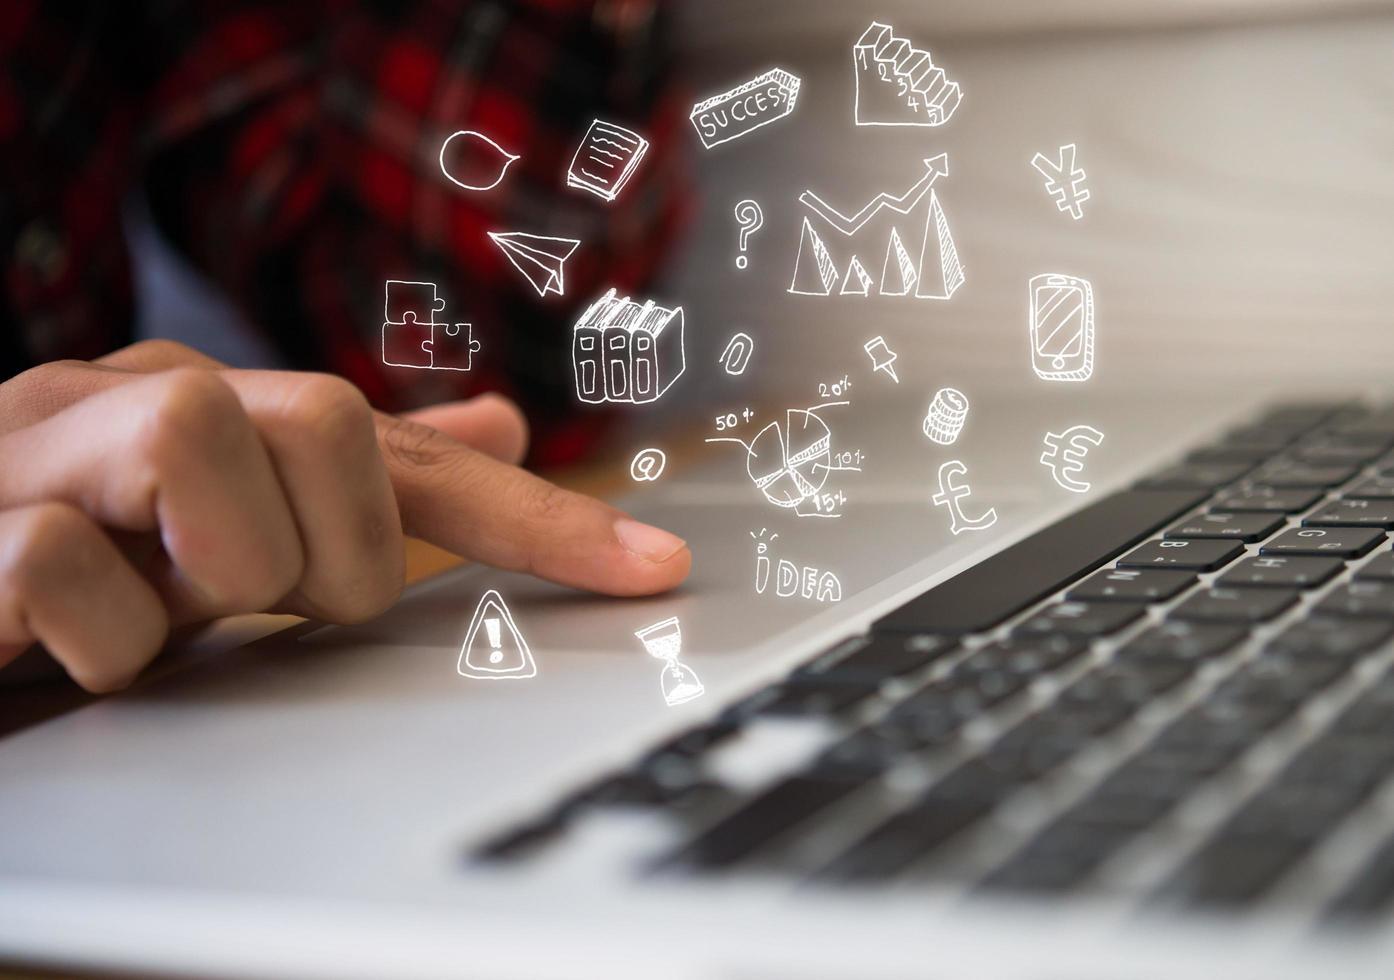 Frauenfinger zeigt auf Computer foto